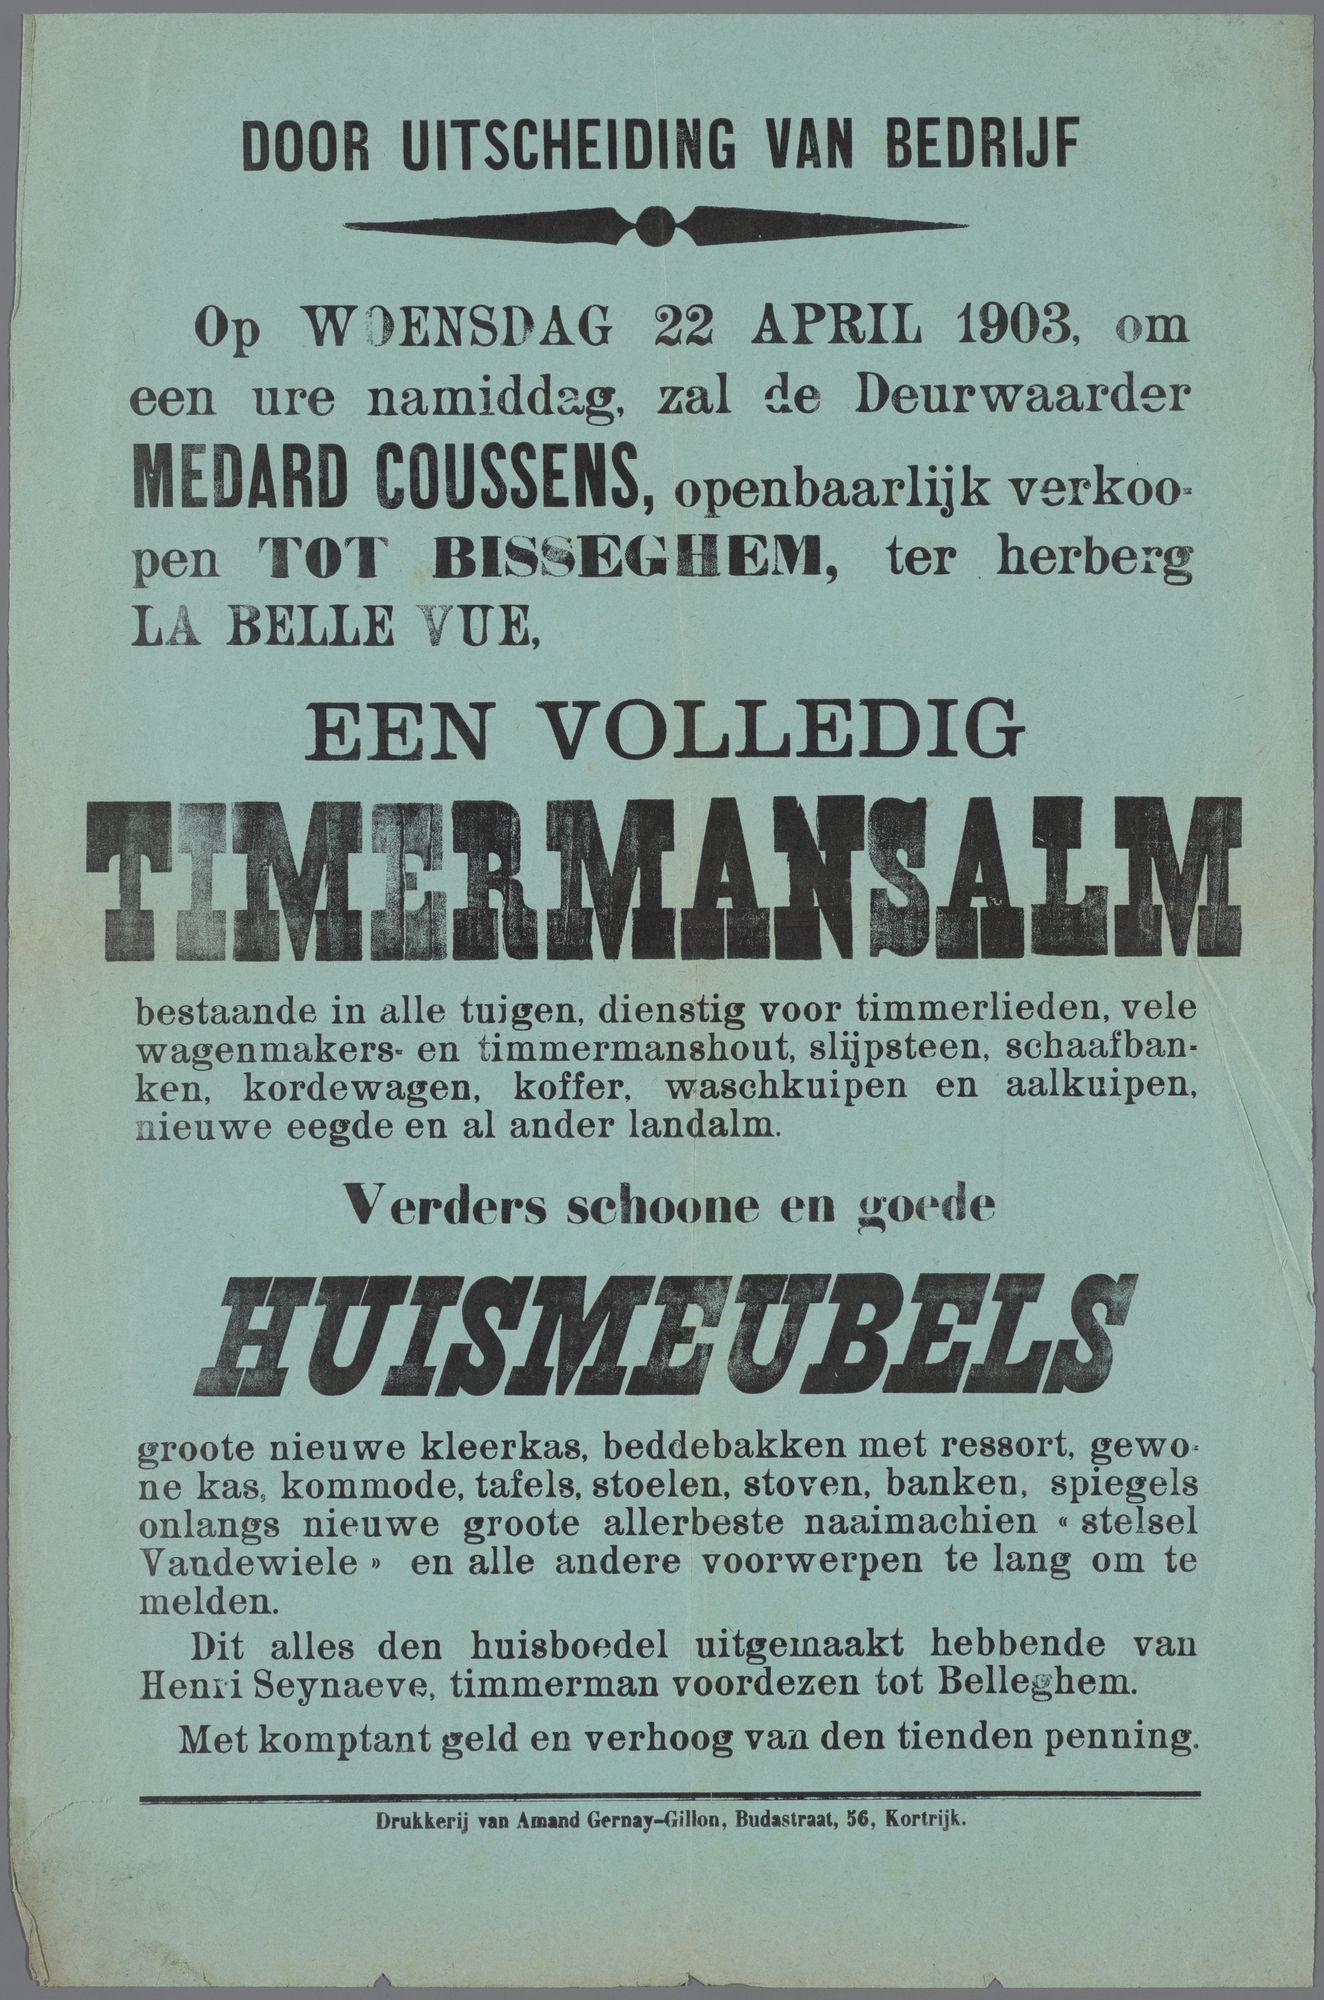 Verkoop te Bissegem 1903